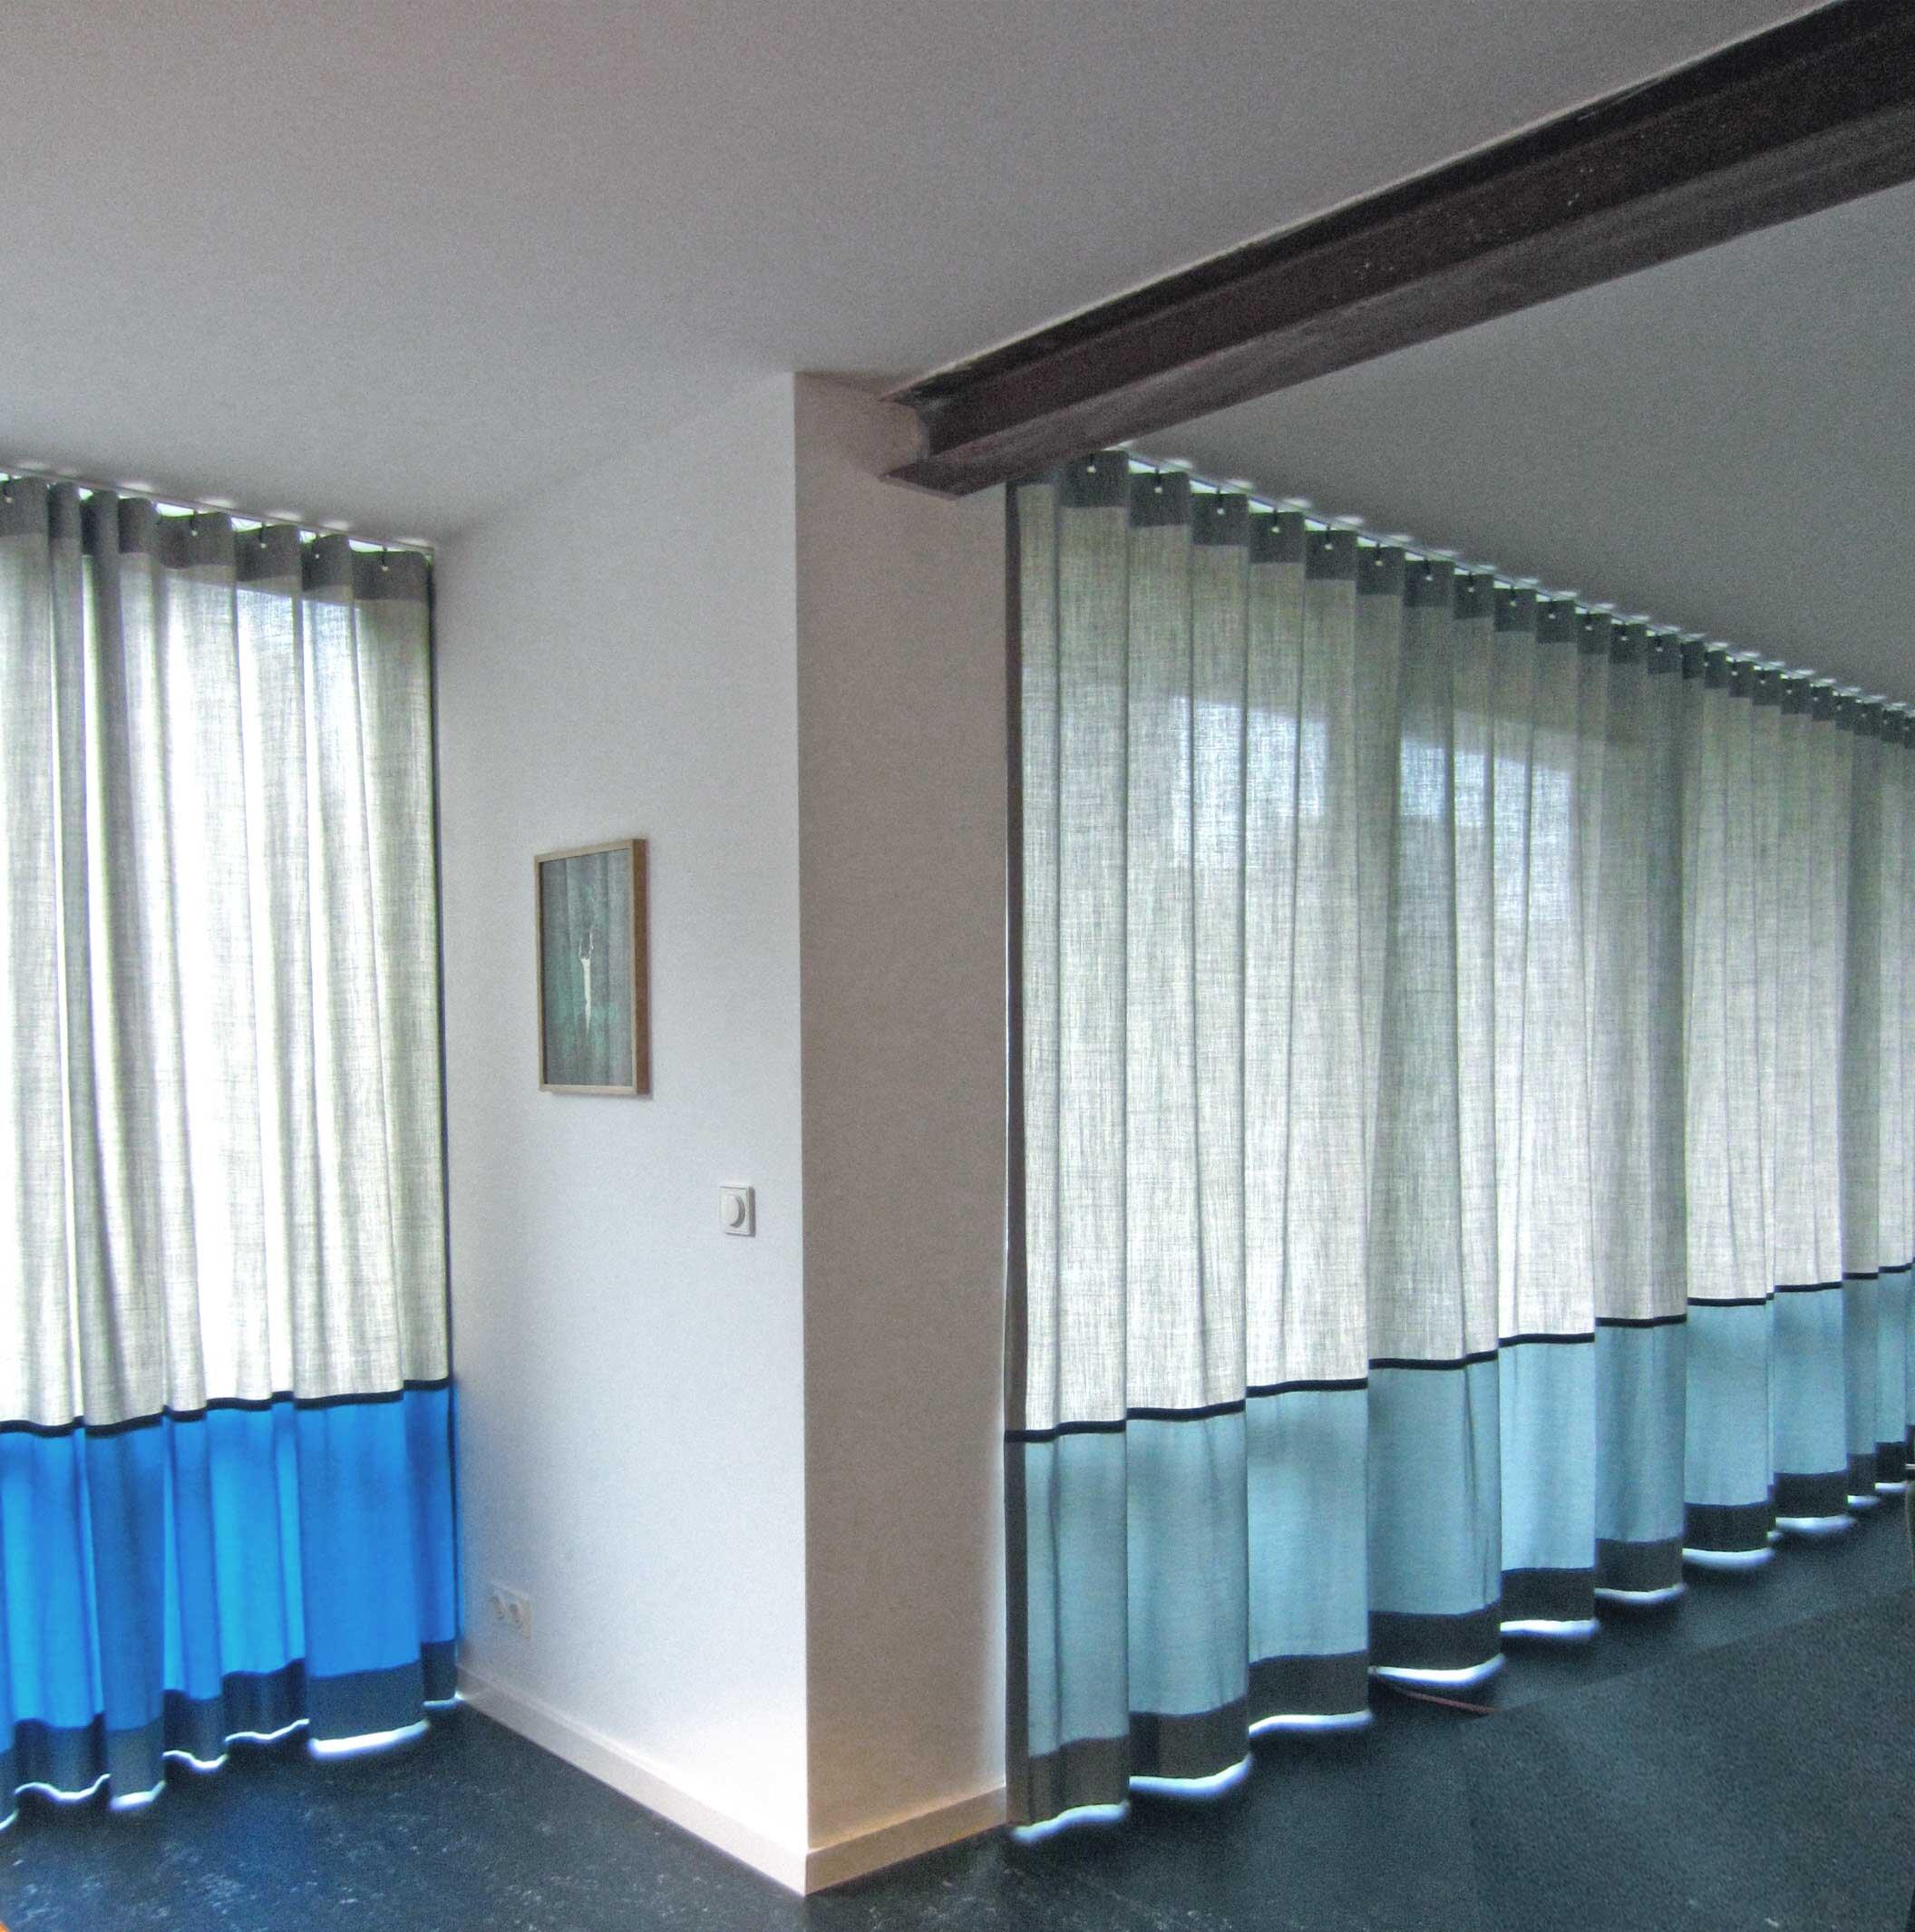 Kimik Design GordijnNo.37Bauhaus - Een markant gordijn opgebouwd uit een laag zachte open geweven grijs gemêleerde wol, gecombineerd met een felle dicht geweven contrasterende stof, geaccentueerd door een zwarte keper bandDe horizontale vlakverdeling volgt de architectuur en houd de lijnwerk van de ramen aan, doorlopend in de aangrenzende kamer, maar daar verspringend van grijs naar een felle diepblauwHet geheel is geïnspireerd op het Bauhaus, wat ook een inspiratie vormde voor de gehele inrichting van dit prachtige 'klushuis'Kimik ontwerpt een maakt originele gordijnen voor jouw ruimte.De ontwerpen worden gemaakt in overleg, met een originele twist die jouw gordijnen uniek maken. Neem contact met ons op voor een eigen ontwerp of voor meer informatie!